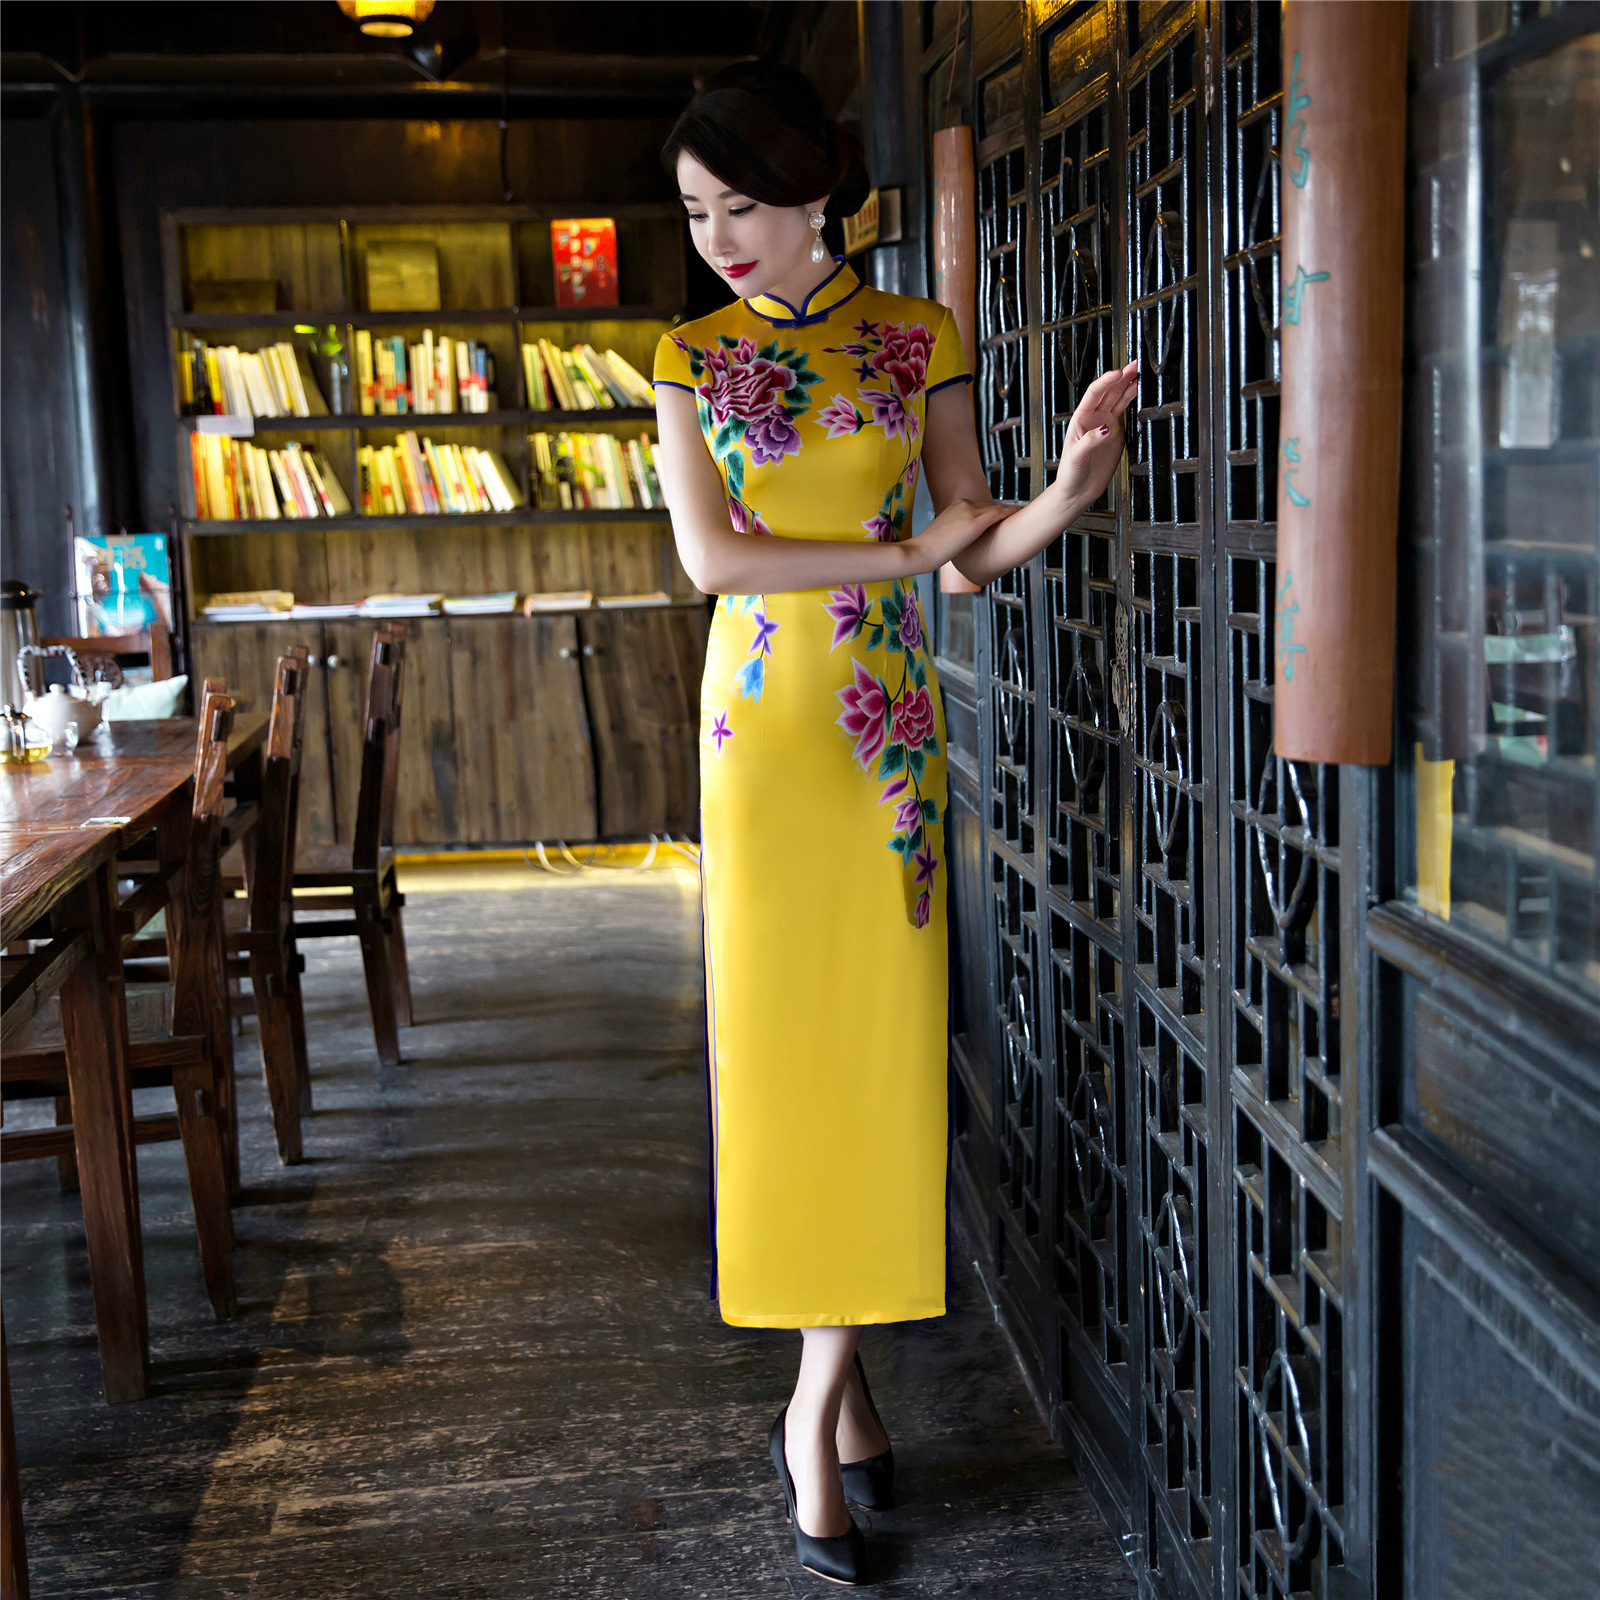 100% Waar Plus Size Xxxl Cheongsam Jurk Chinese Qipao Bruiloft Moderne Lange Mouw Zijde Vrouwen Jurk In Geel Voor Vrouwen Met Borduurwerk